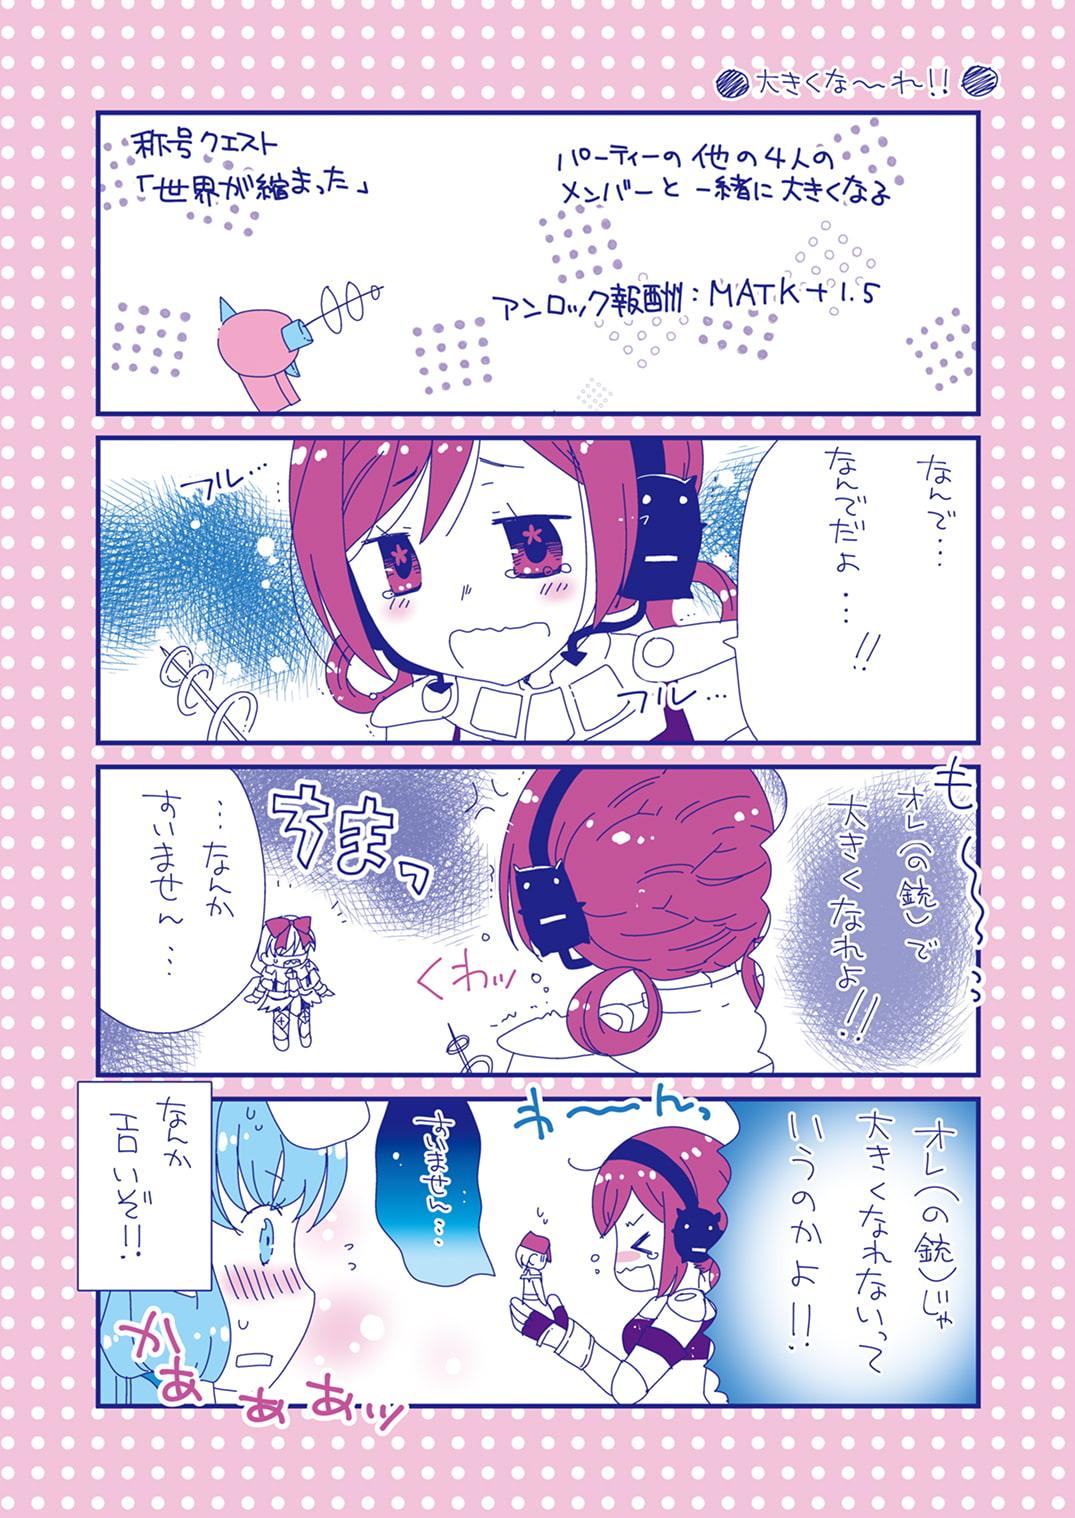 マジ子ちゃんレベル3